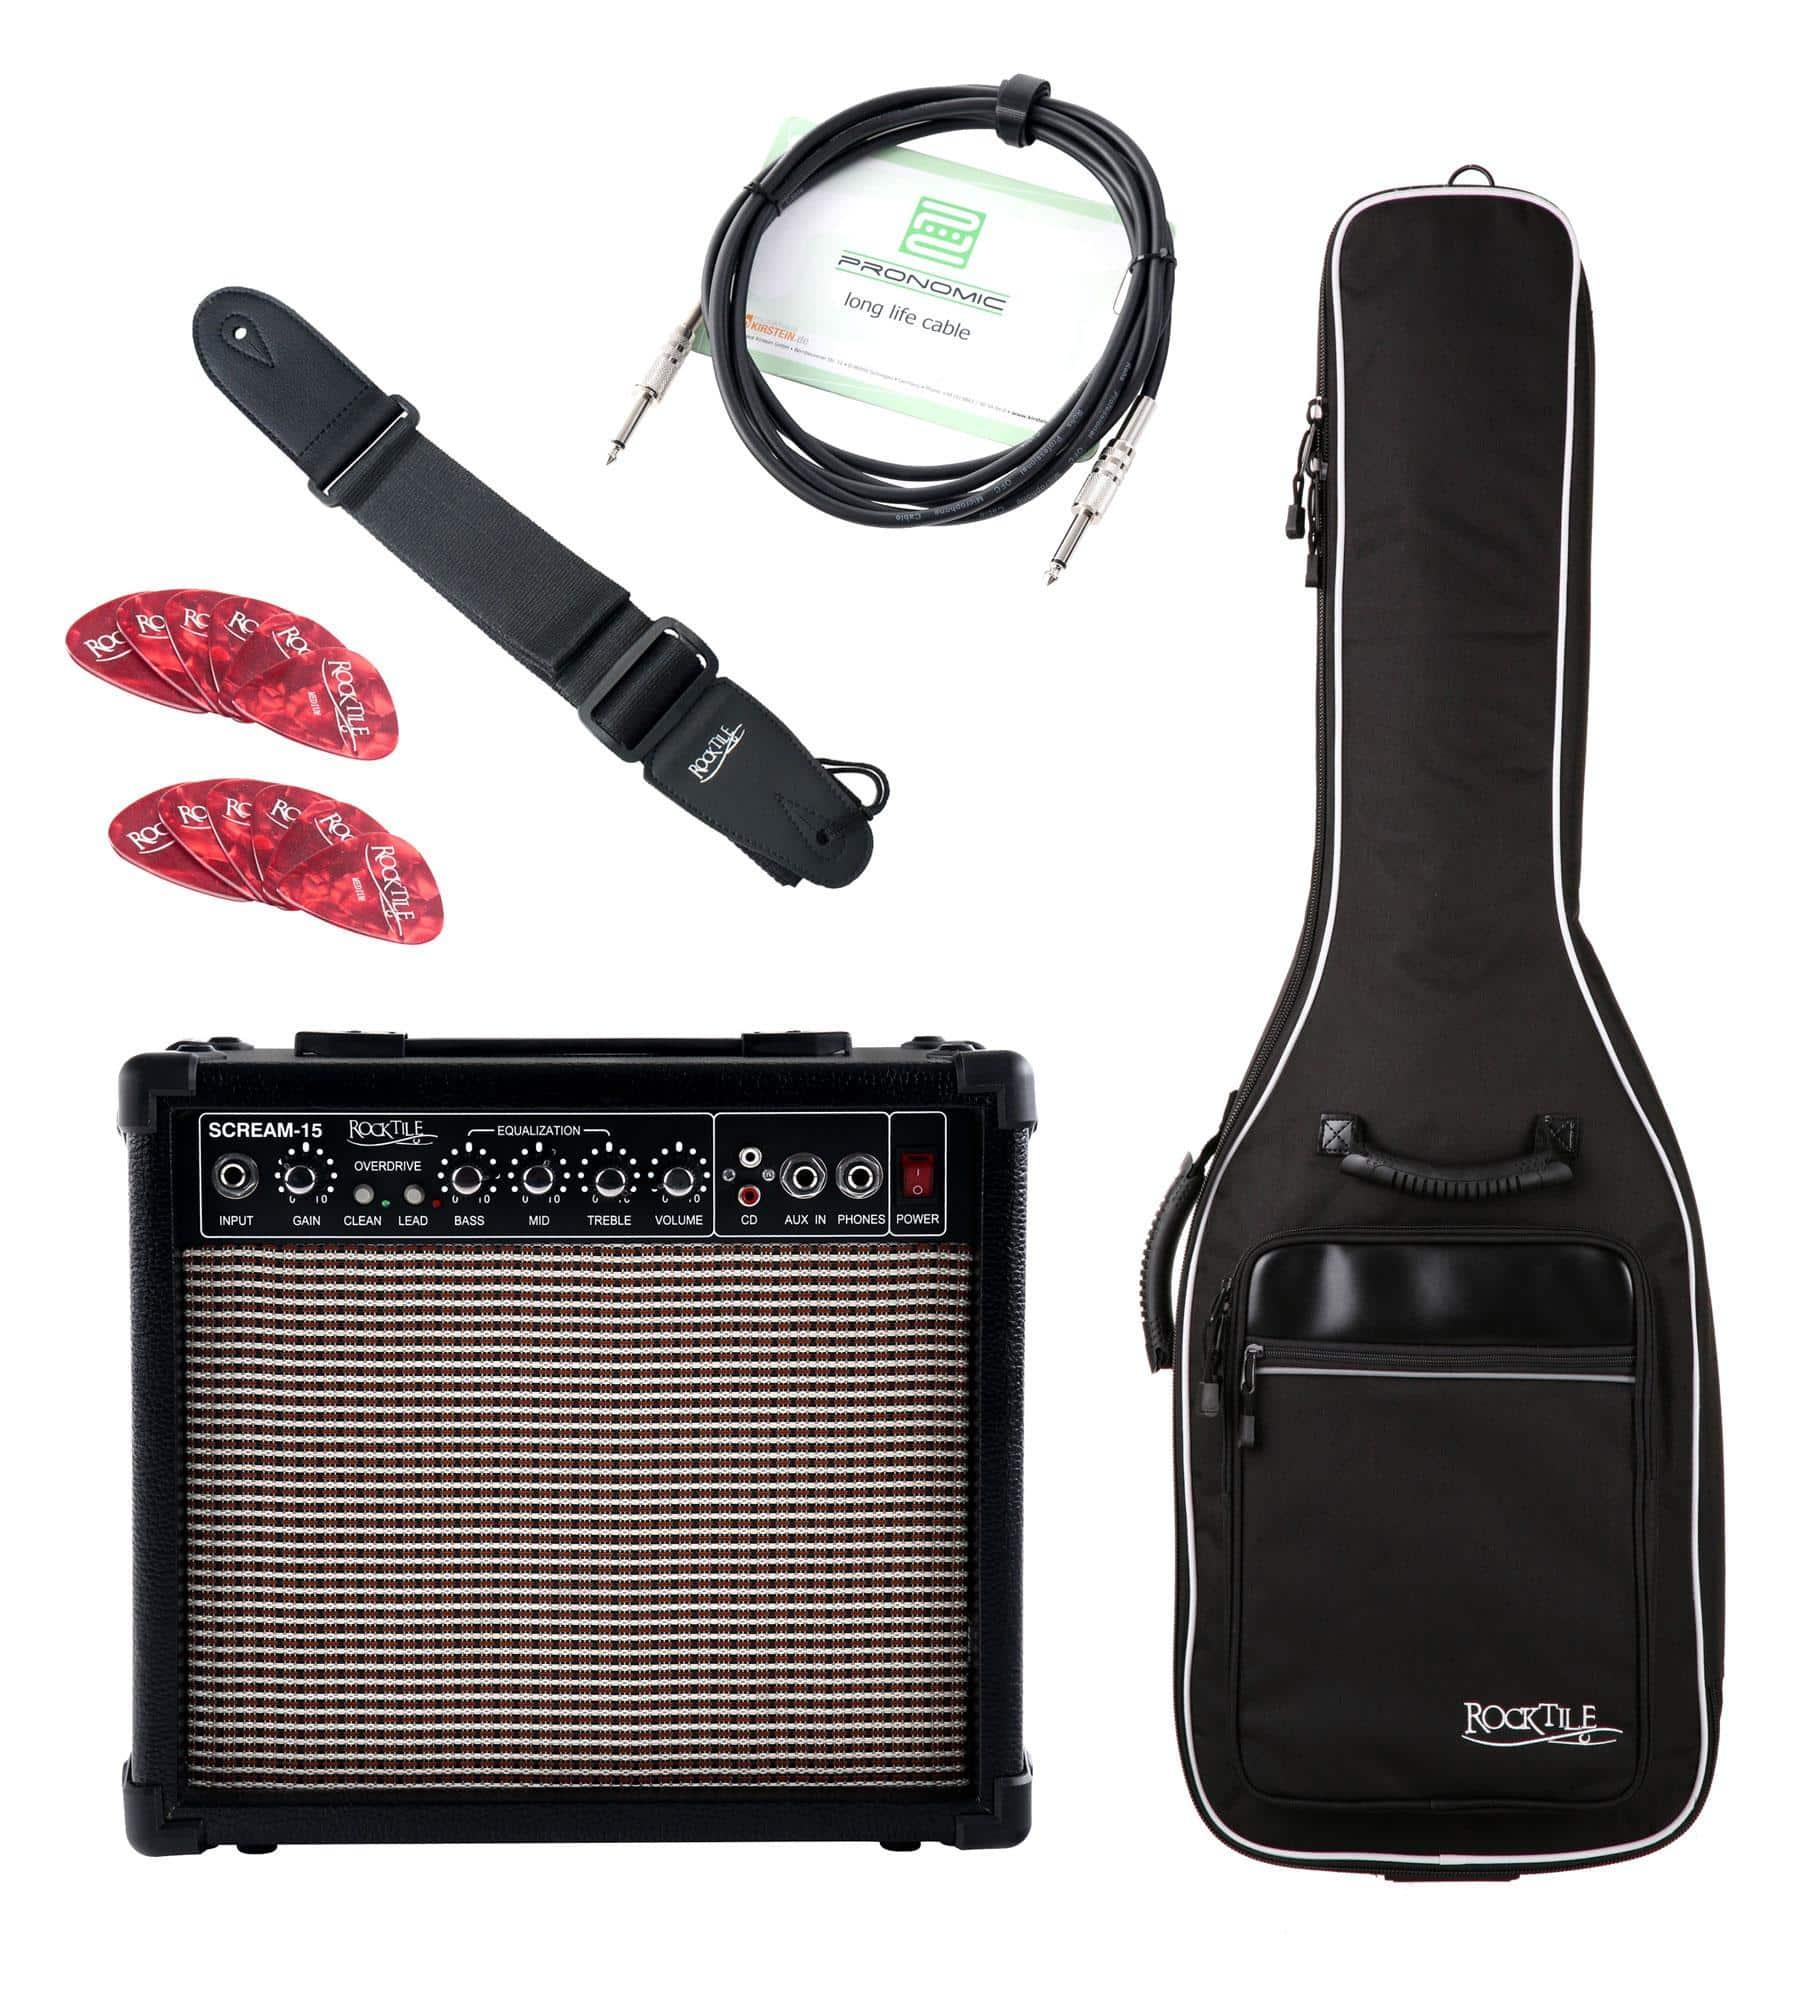 Zubehoergitarren - Rocktile E Gitarren Add On Komplettset light inkl. Amp, Tasche, Gurt, Kabel und Picks - Onlineshop Musikhaus Kirstein